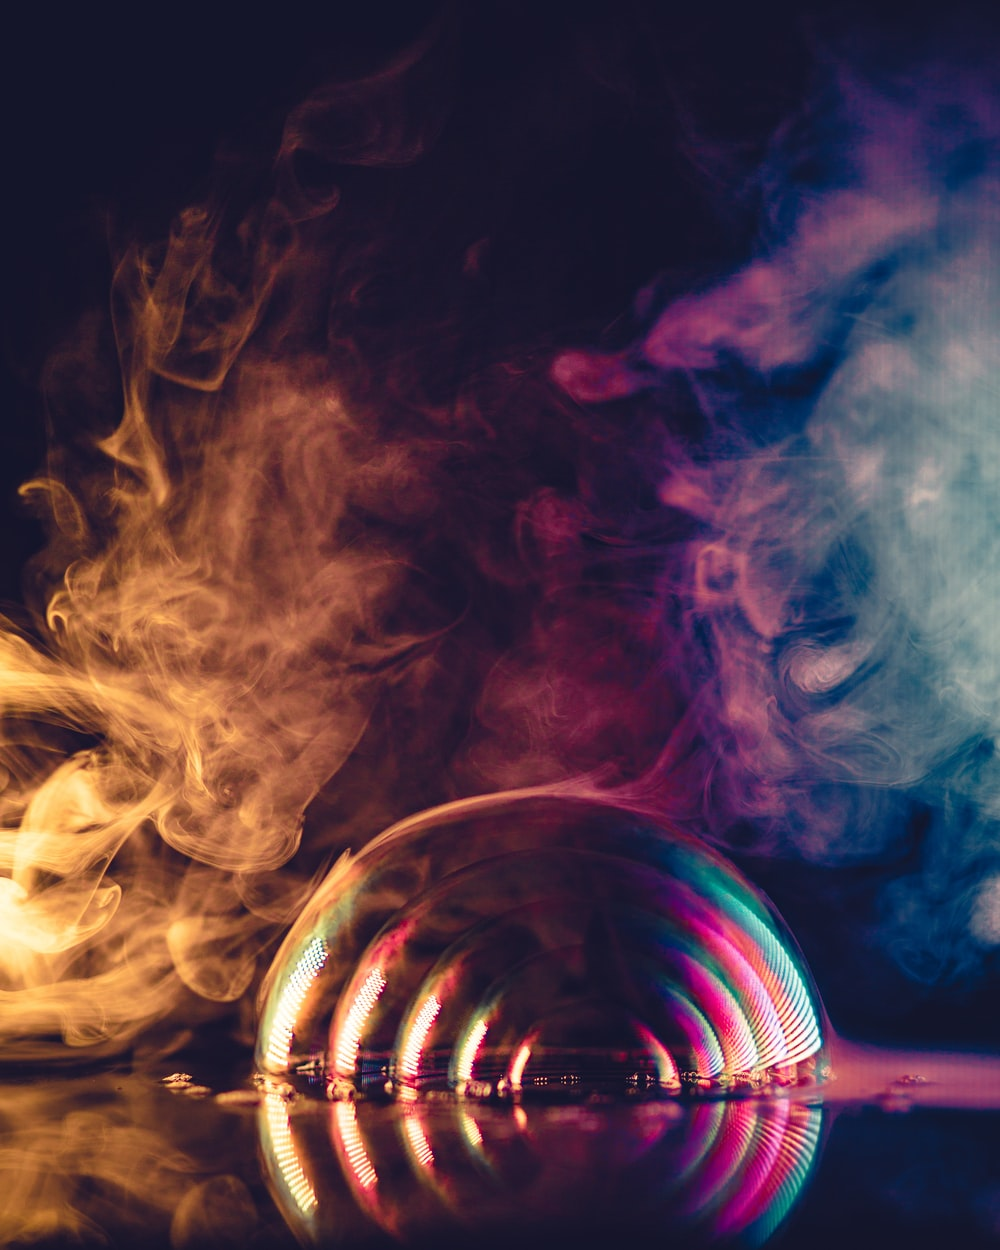 smoke illusion photography